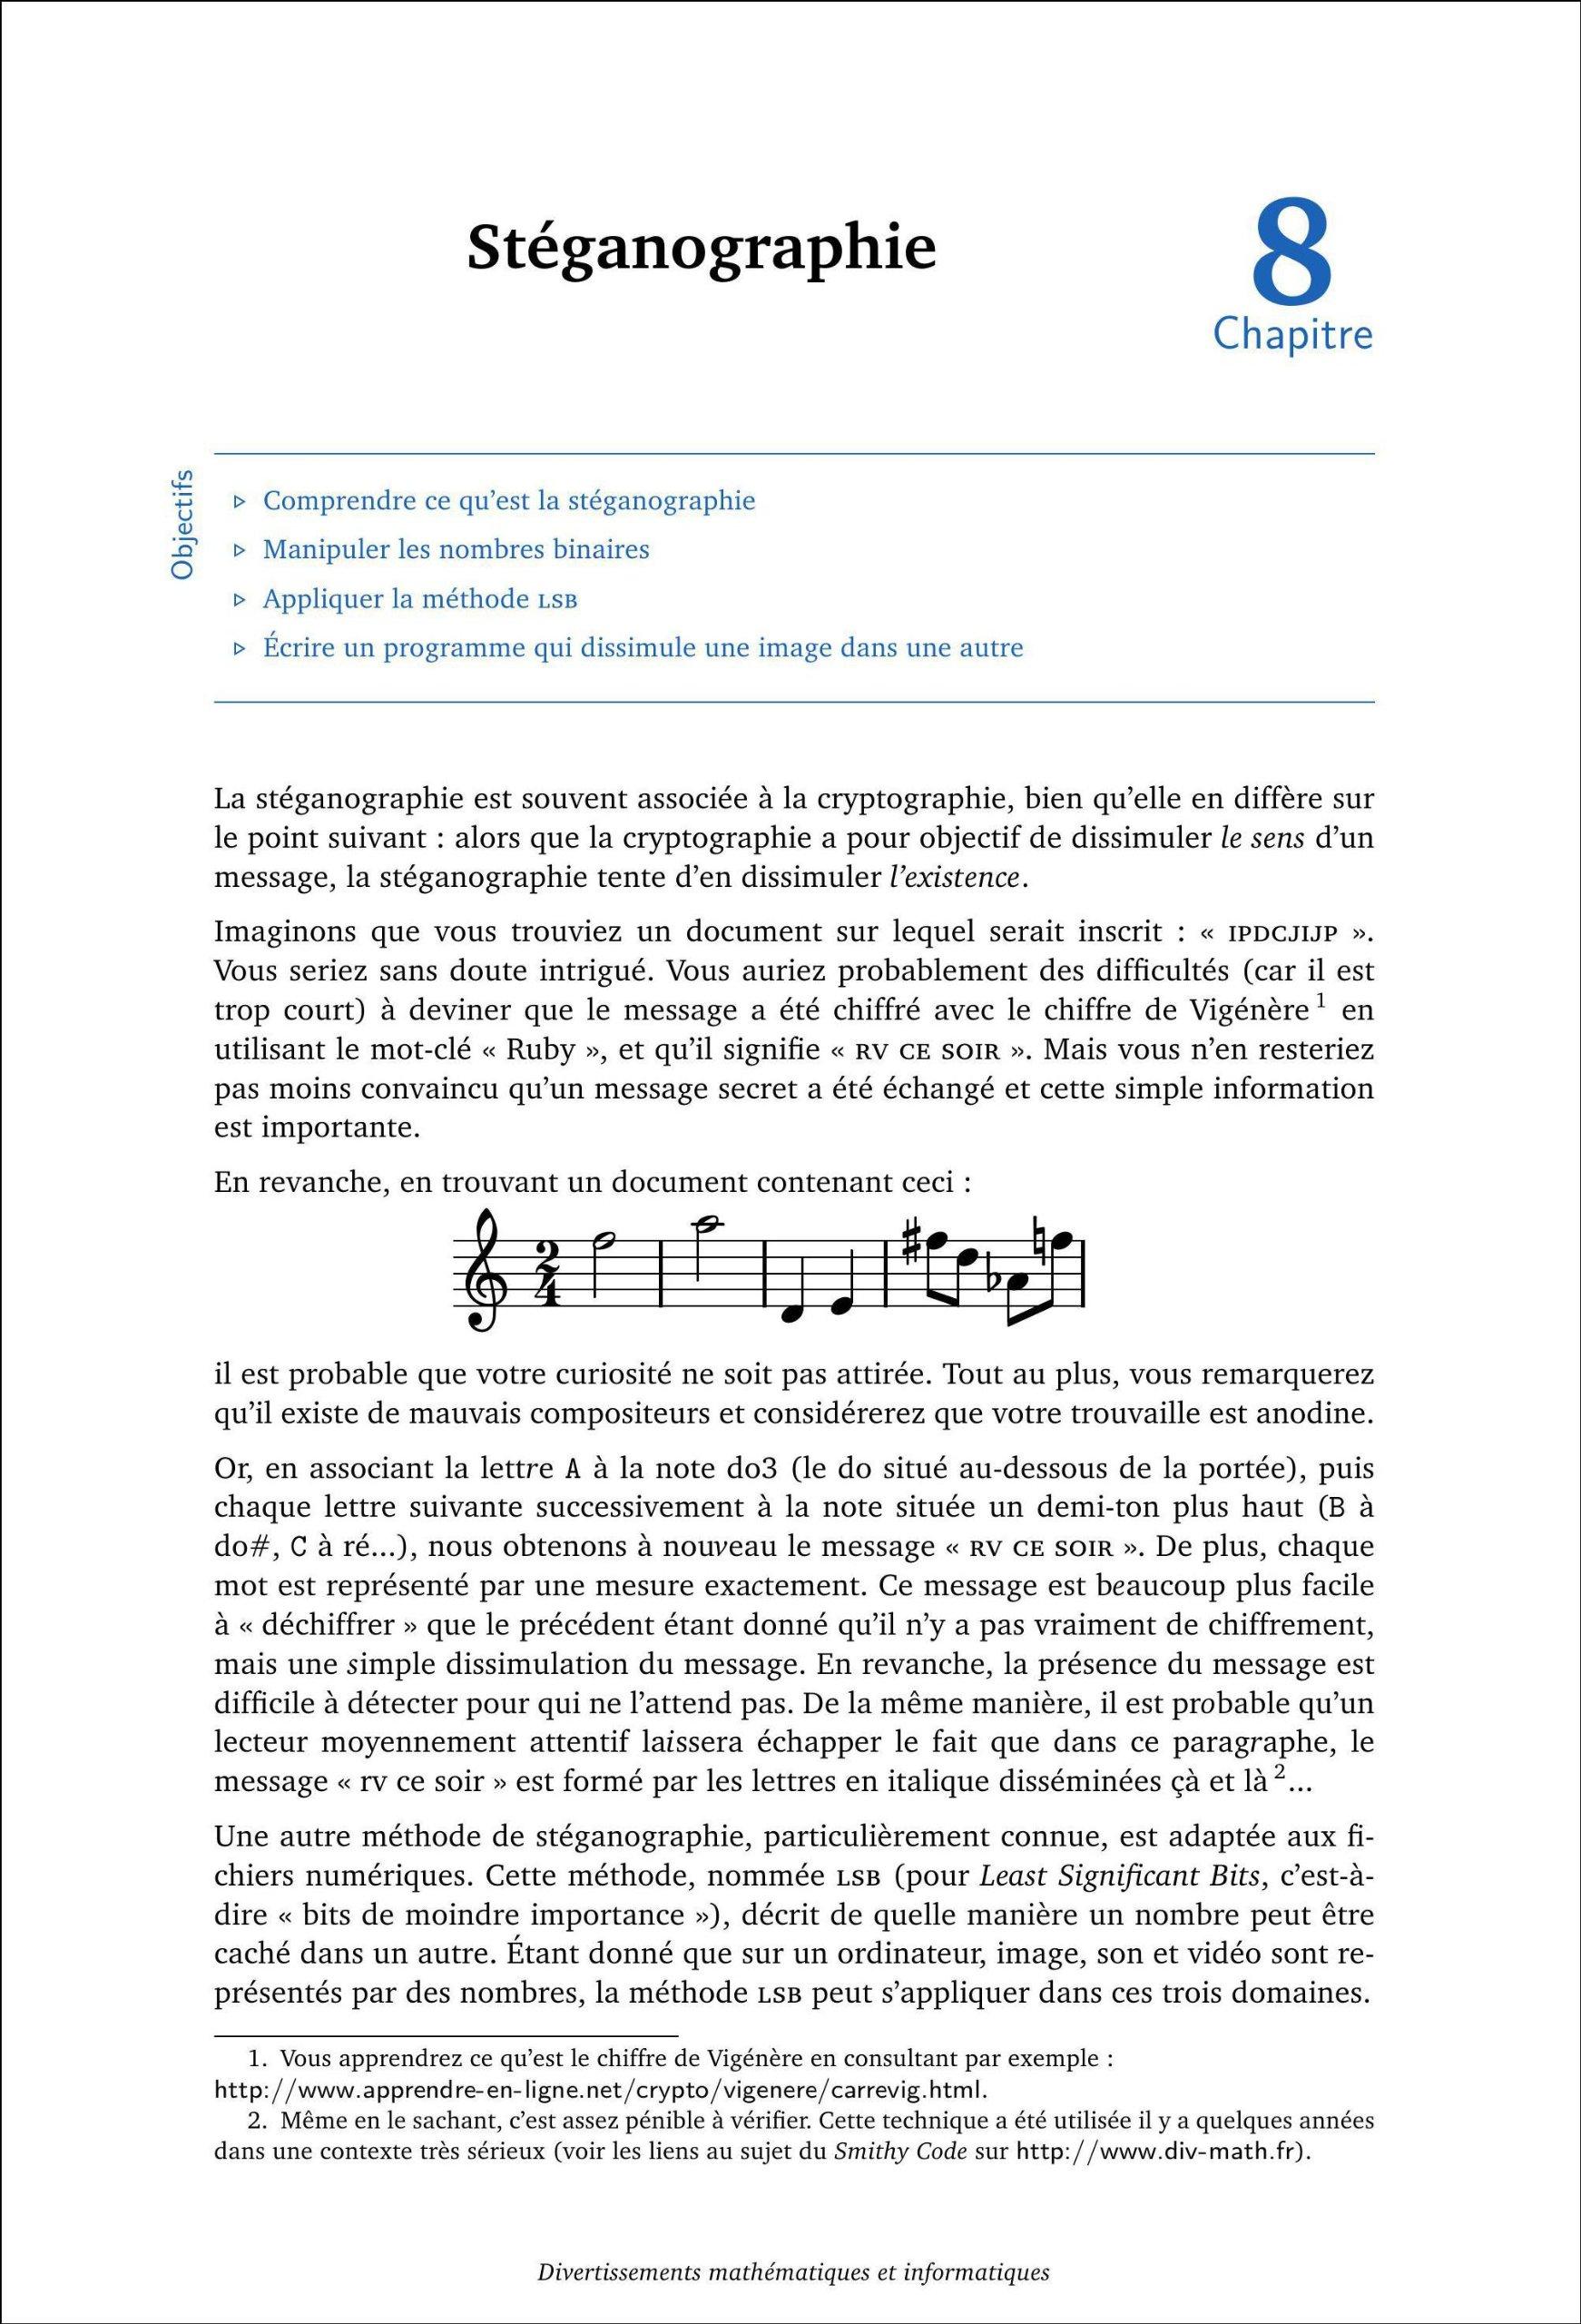 Divertissements mathématiques et informatiques: Laurent Signac: 9782351410714: Amazon.com: Books